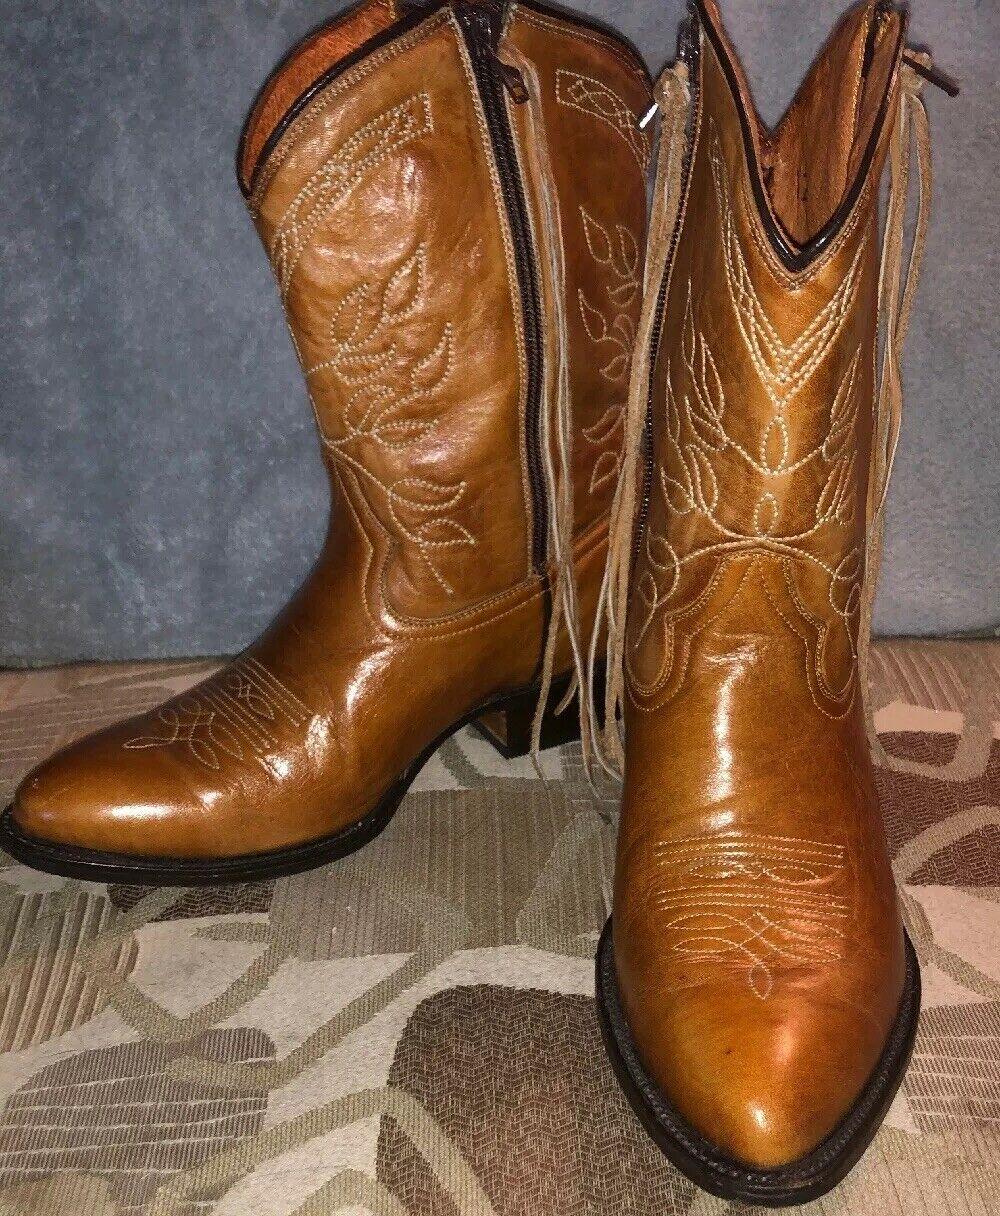 Coq Noir  Akers Femme Marron Western Cowboy bottes avec franges  Taille 8 M  Nice